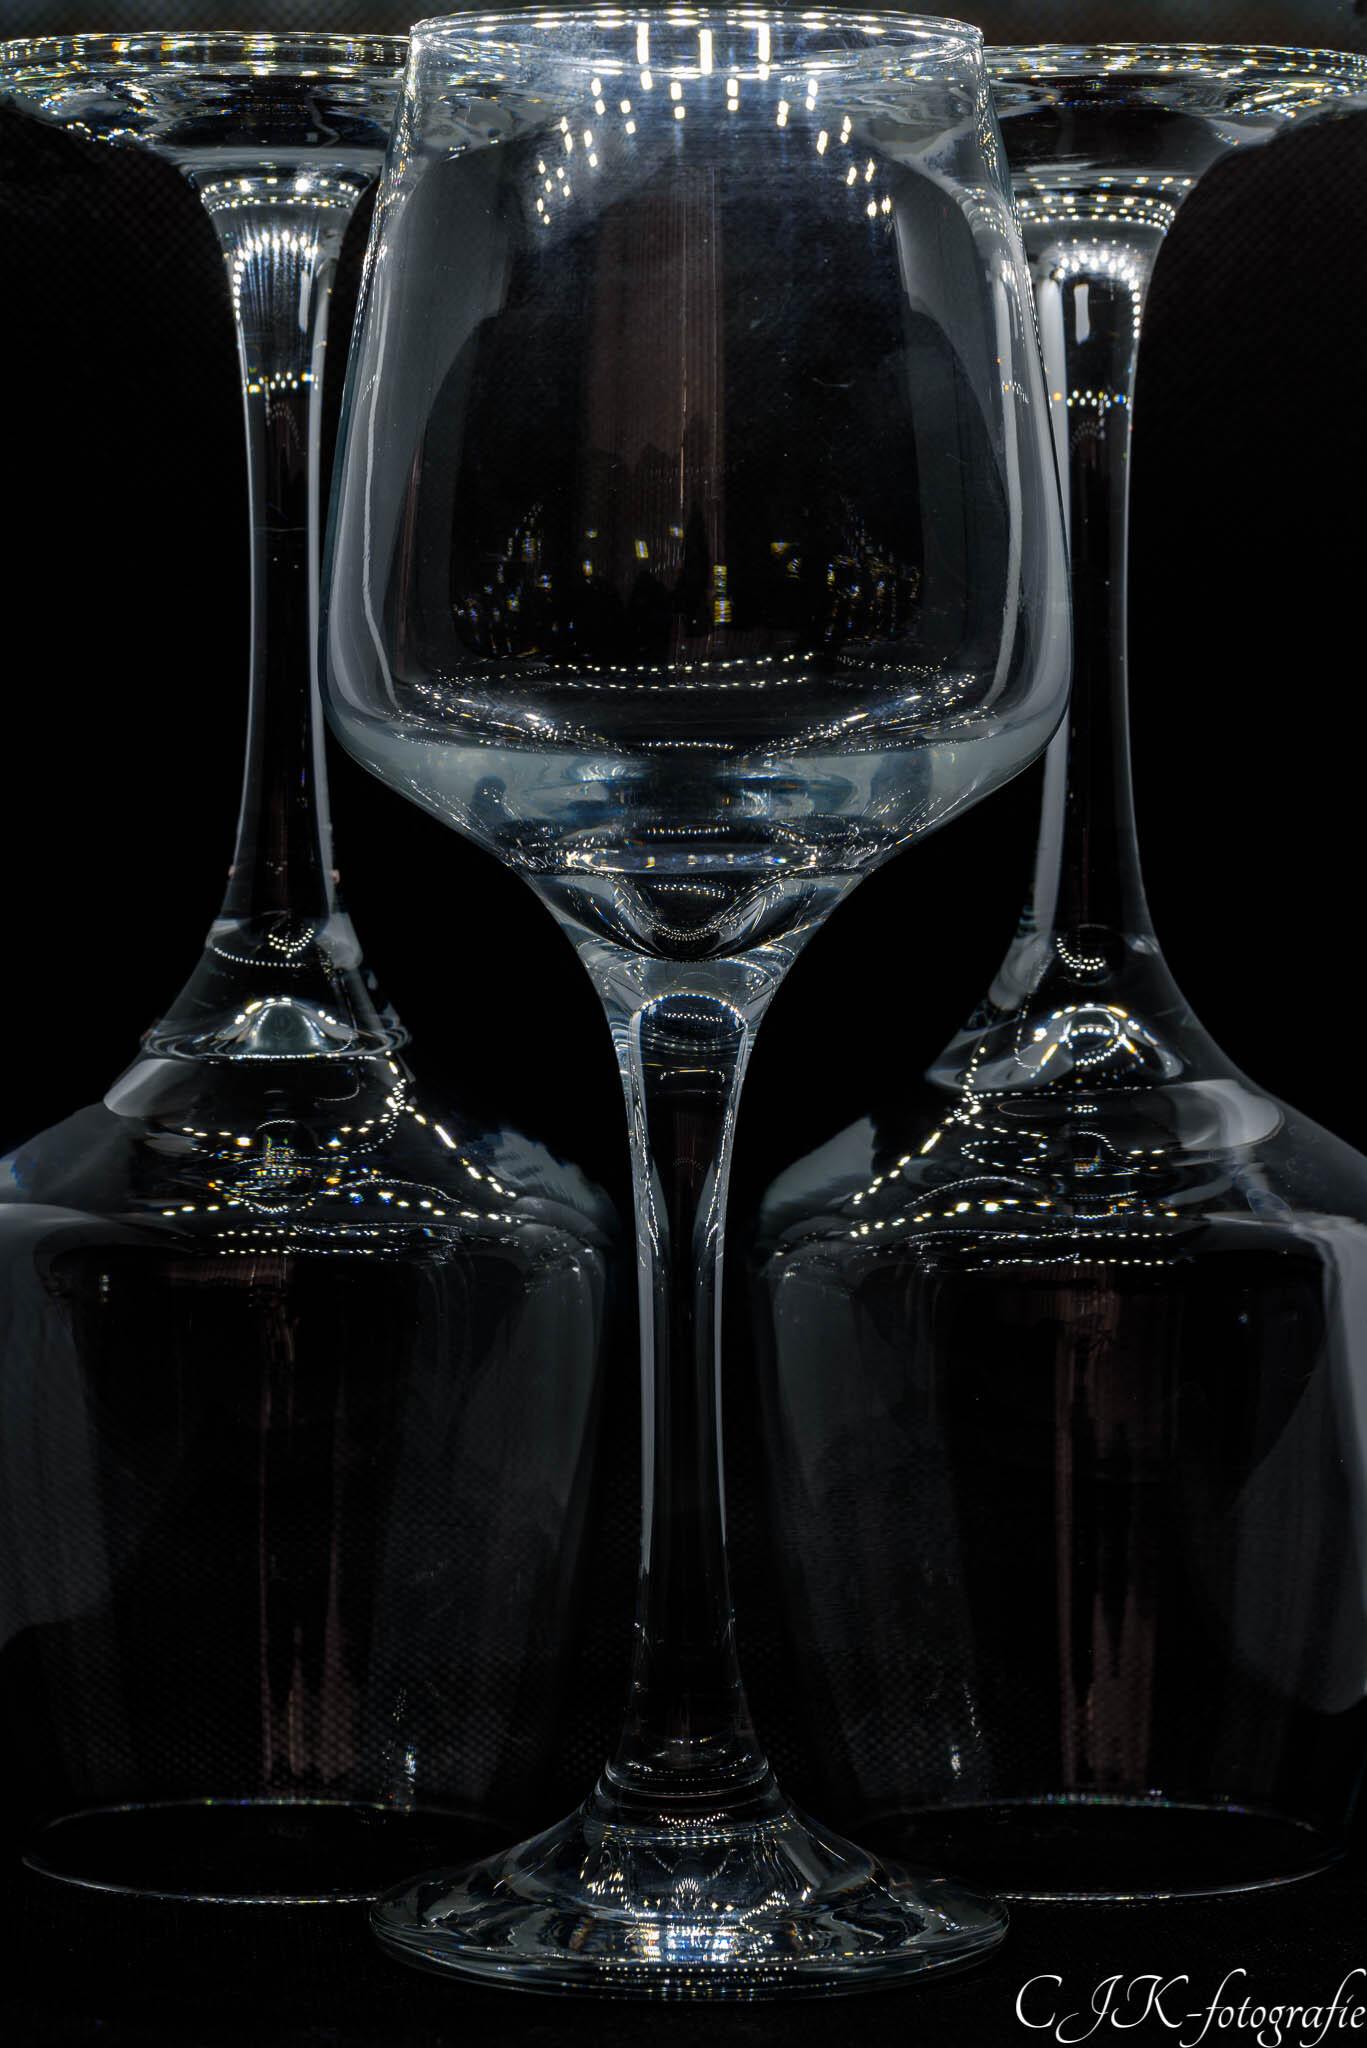 Spelen met symmetrie - 3 wijnglazen in een box gezet en geprobeerd deze symmetrisch en met een macro lens te fotograferen - foto door ChrisKruisheer op 10-04-2021 - deze foto bevat: serviesgoed, glaswerk, drinkwaren, wijnglas, zwart, barbenodigdheden, serveware, materiële eigenschap, champagne-glaswerk, glas